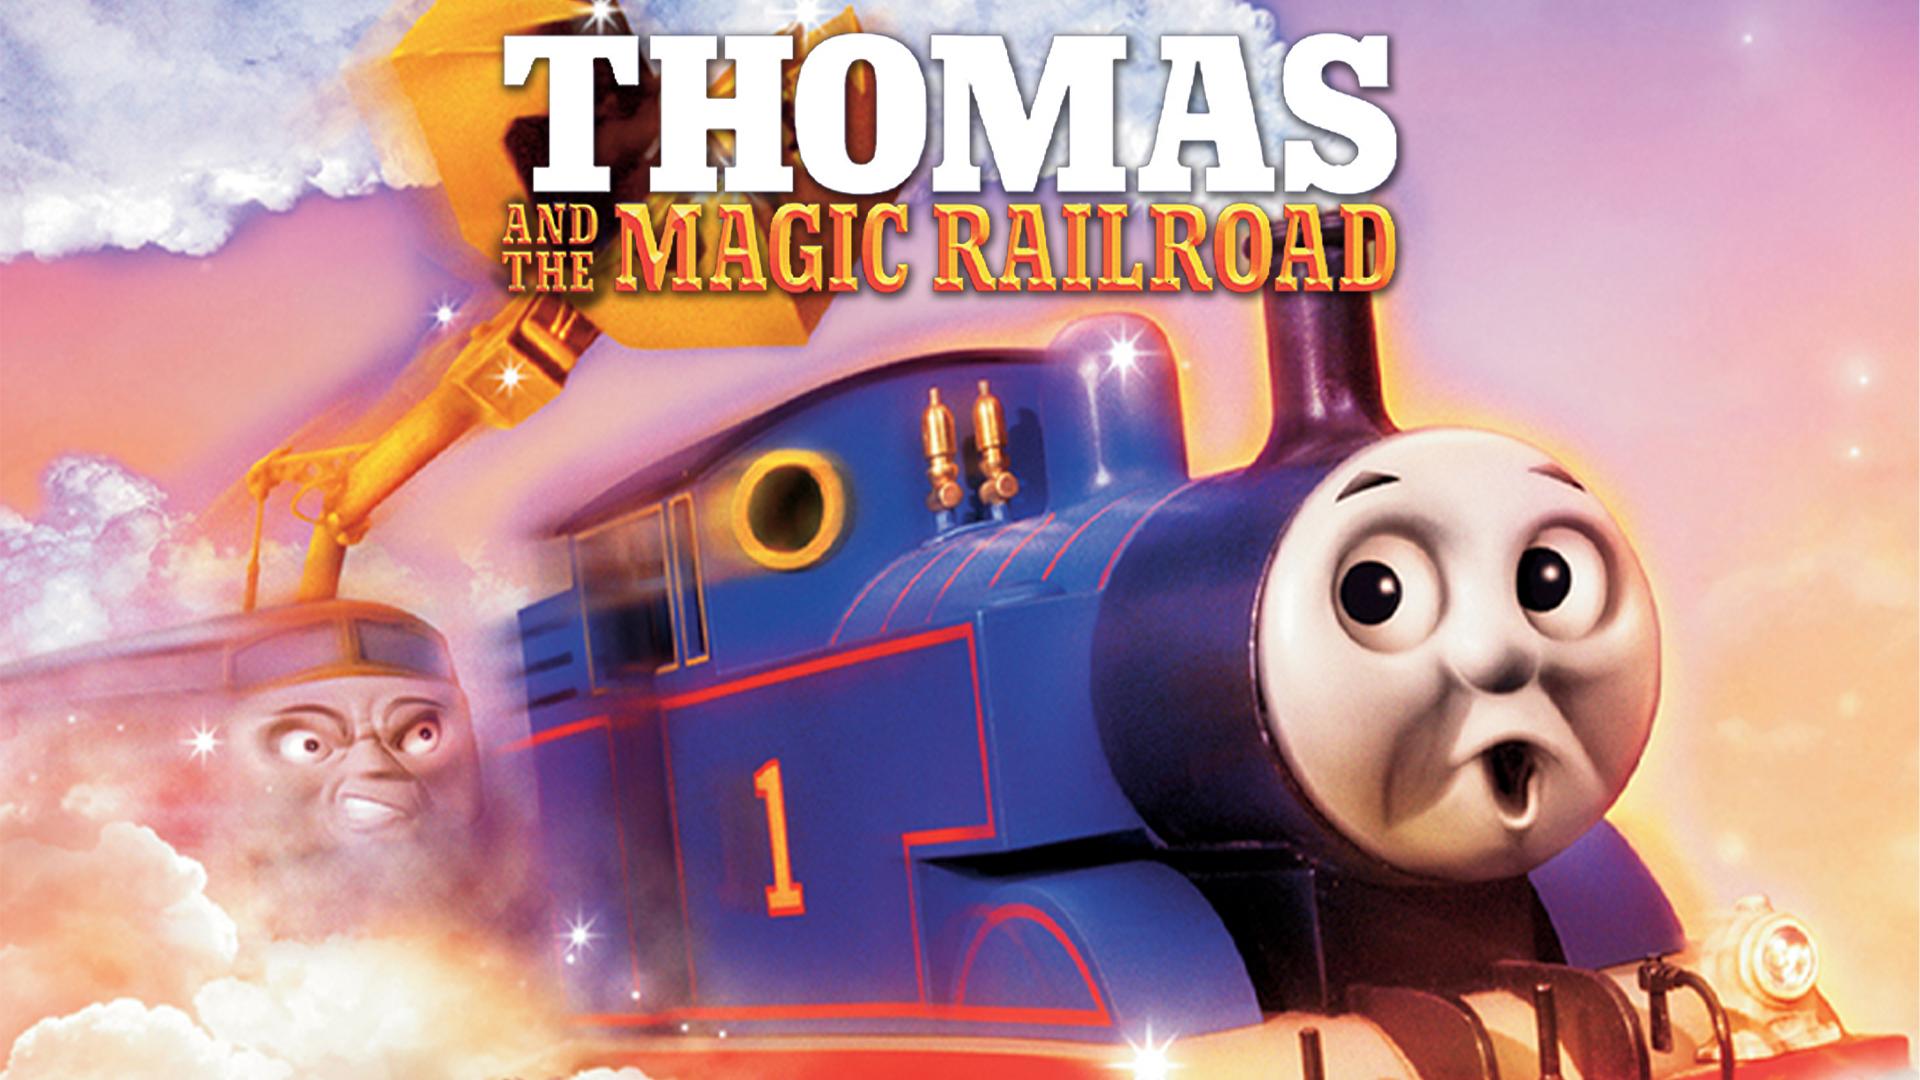 Thomas & the Magic Railroad